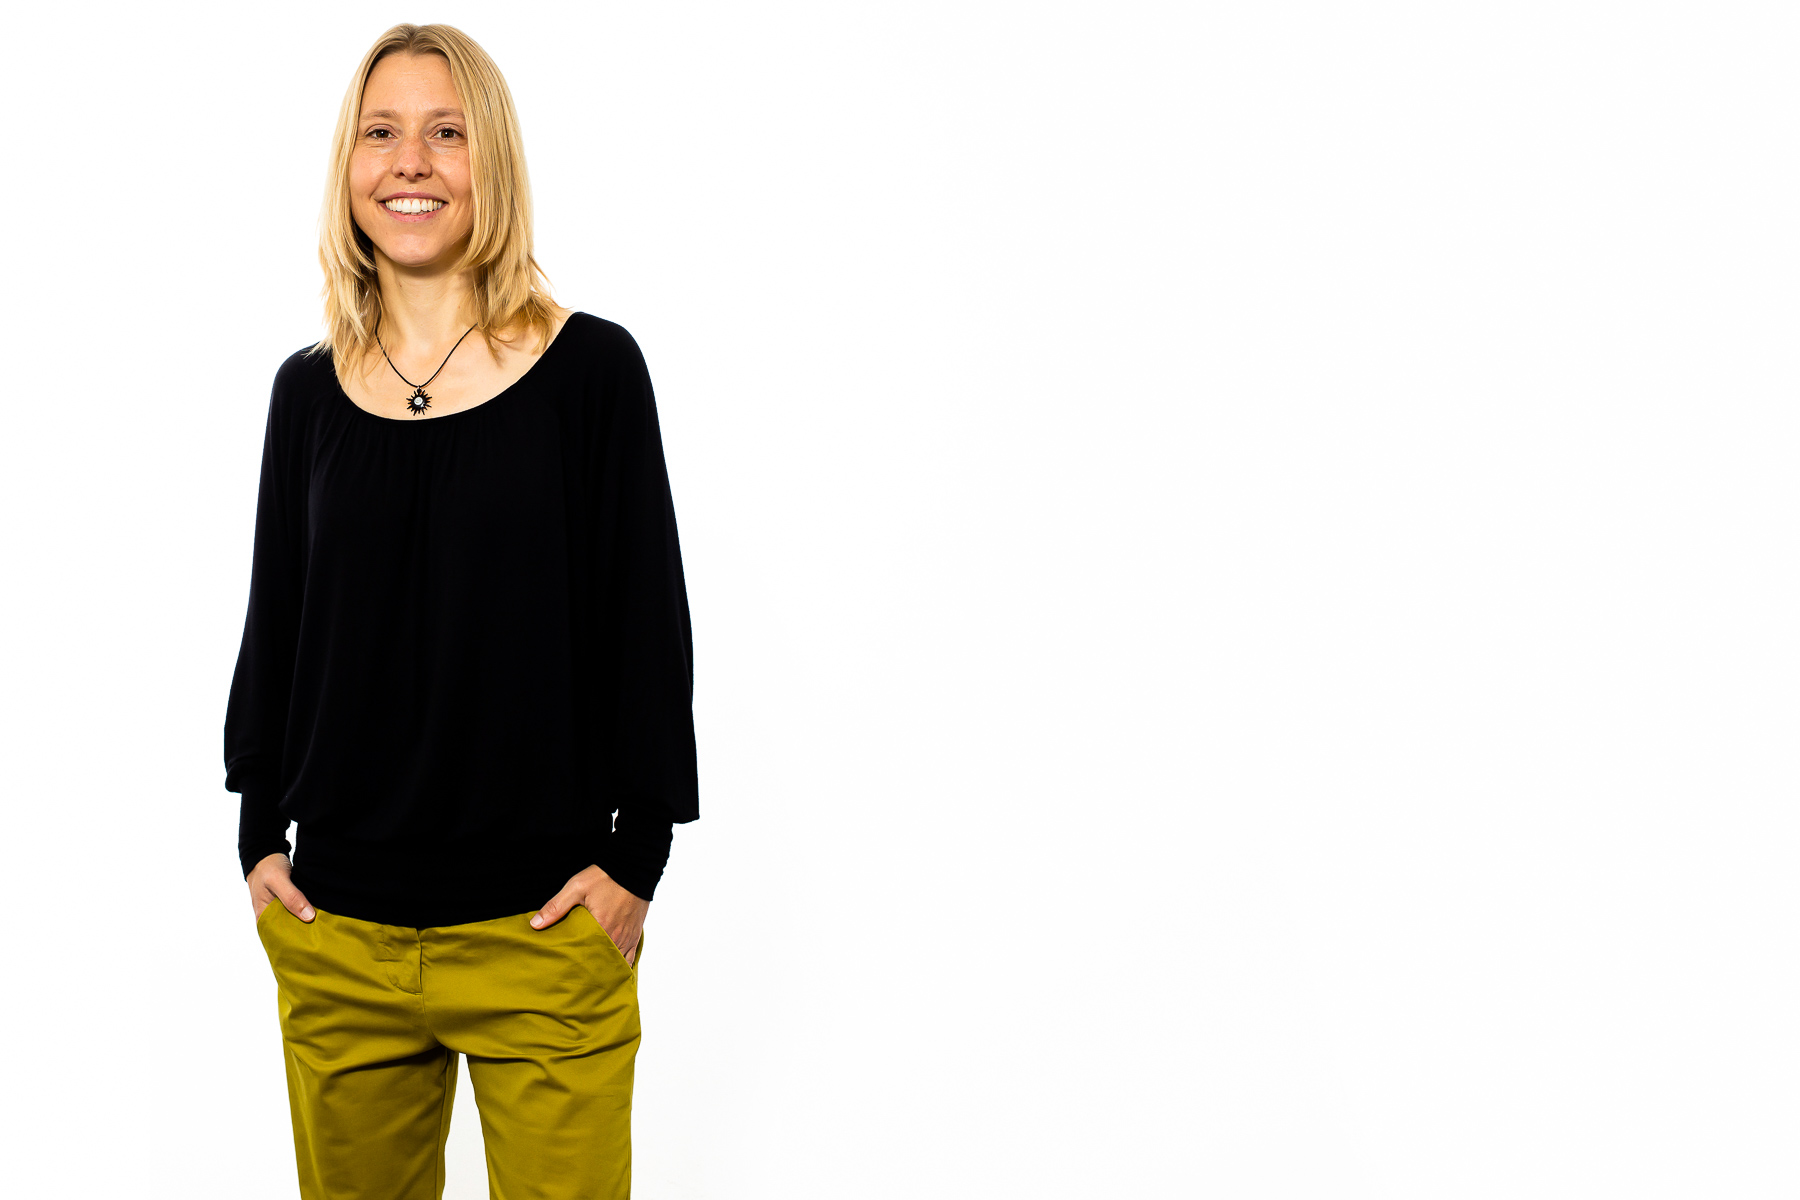 Gulde Mielke Frey Corinna Weiss